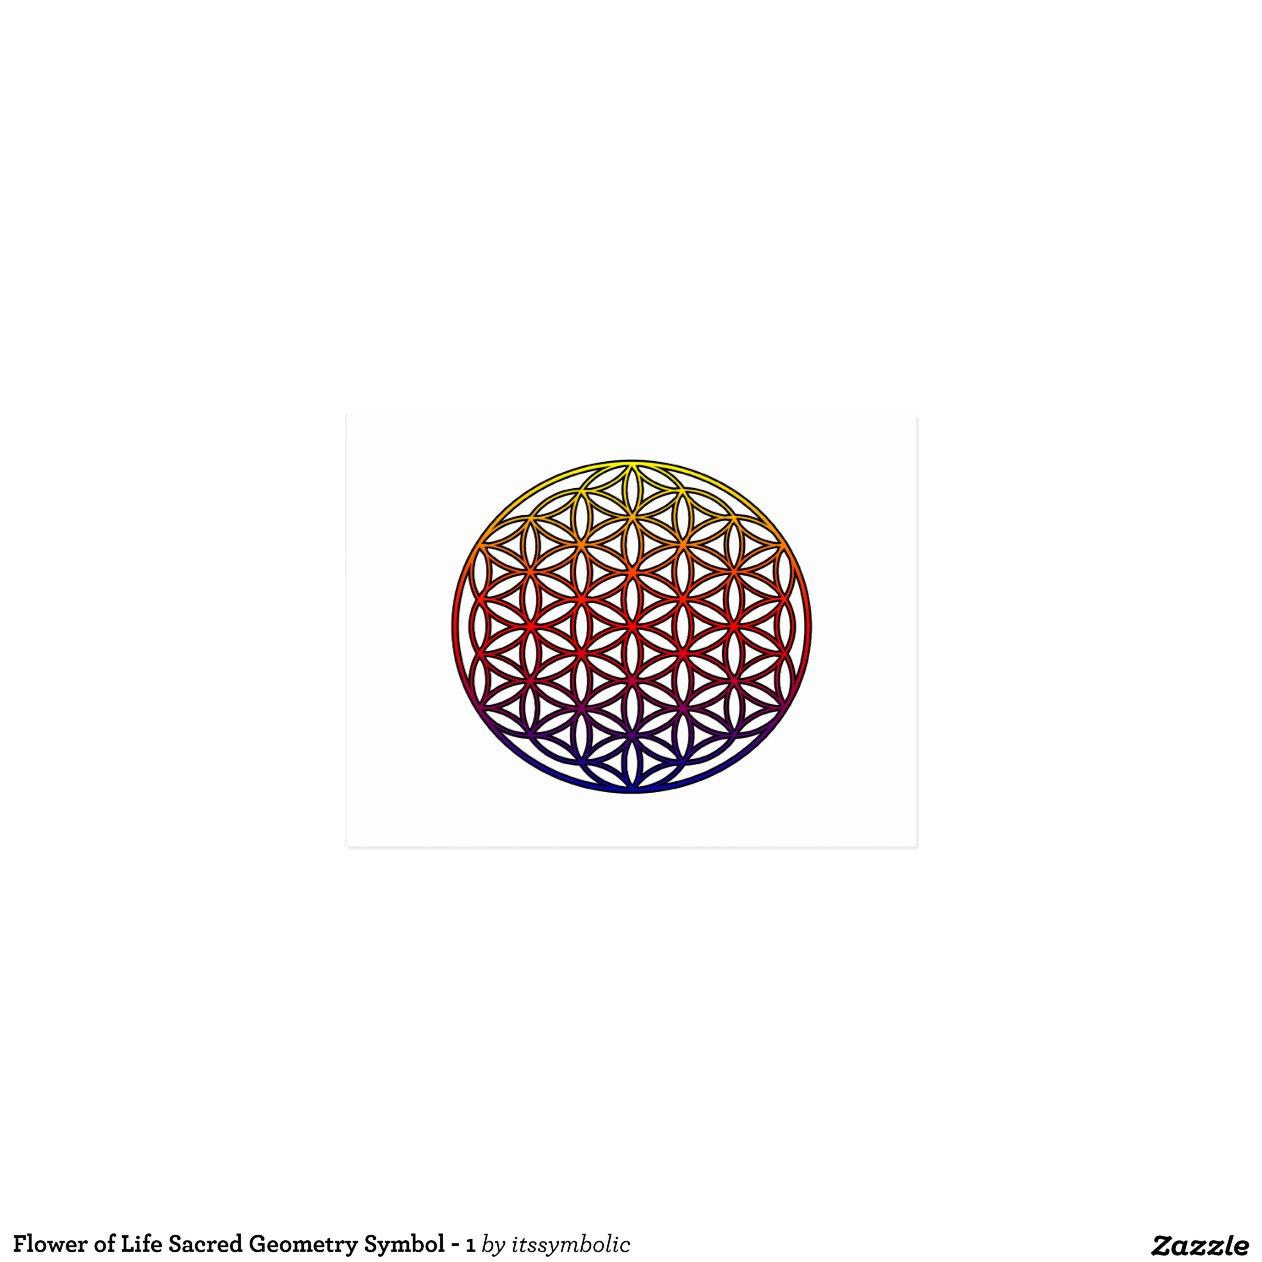 Fleur du symbole sacr de la g om trie de la vie cartes postales zazzle - Symbole de la vie ...